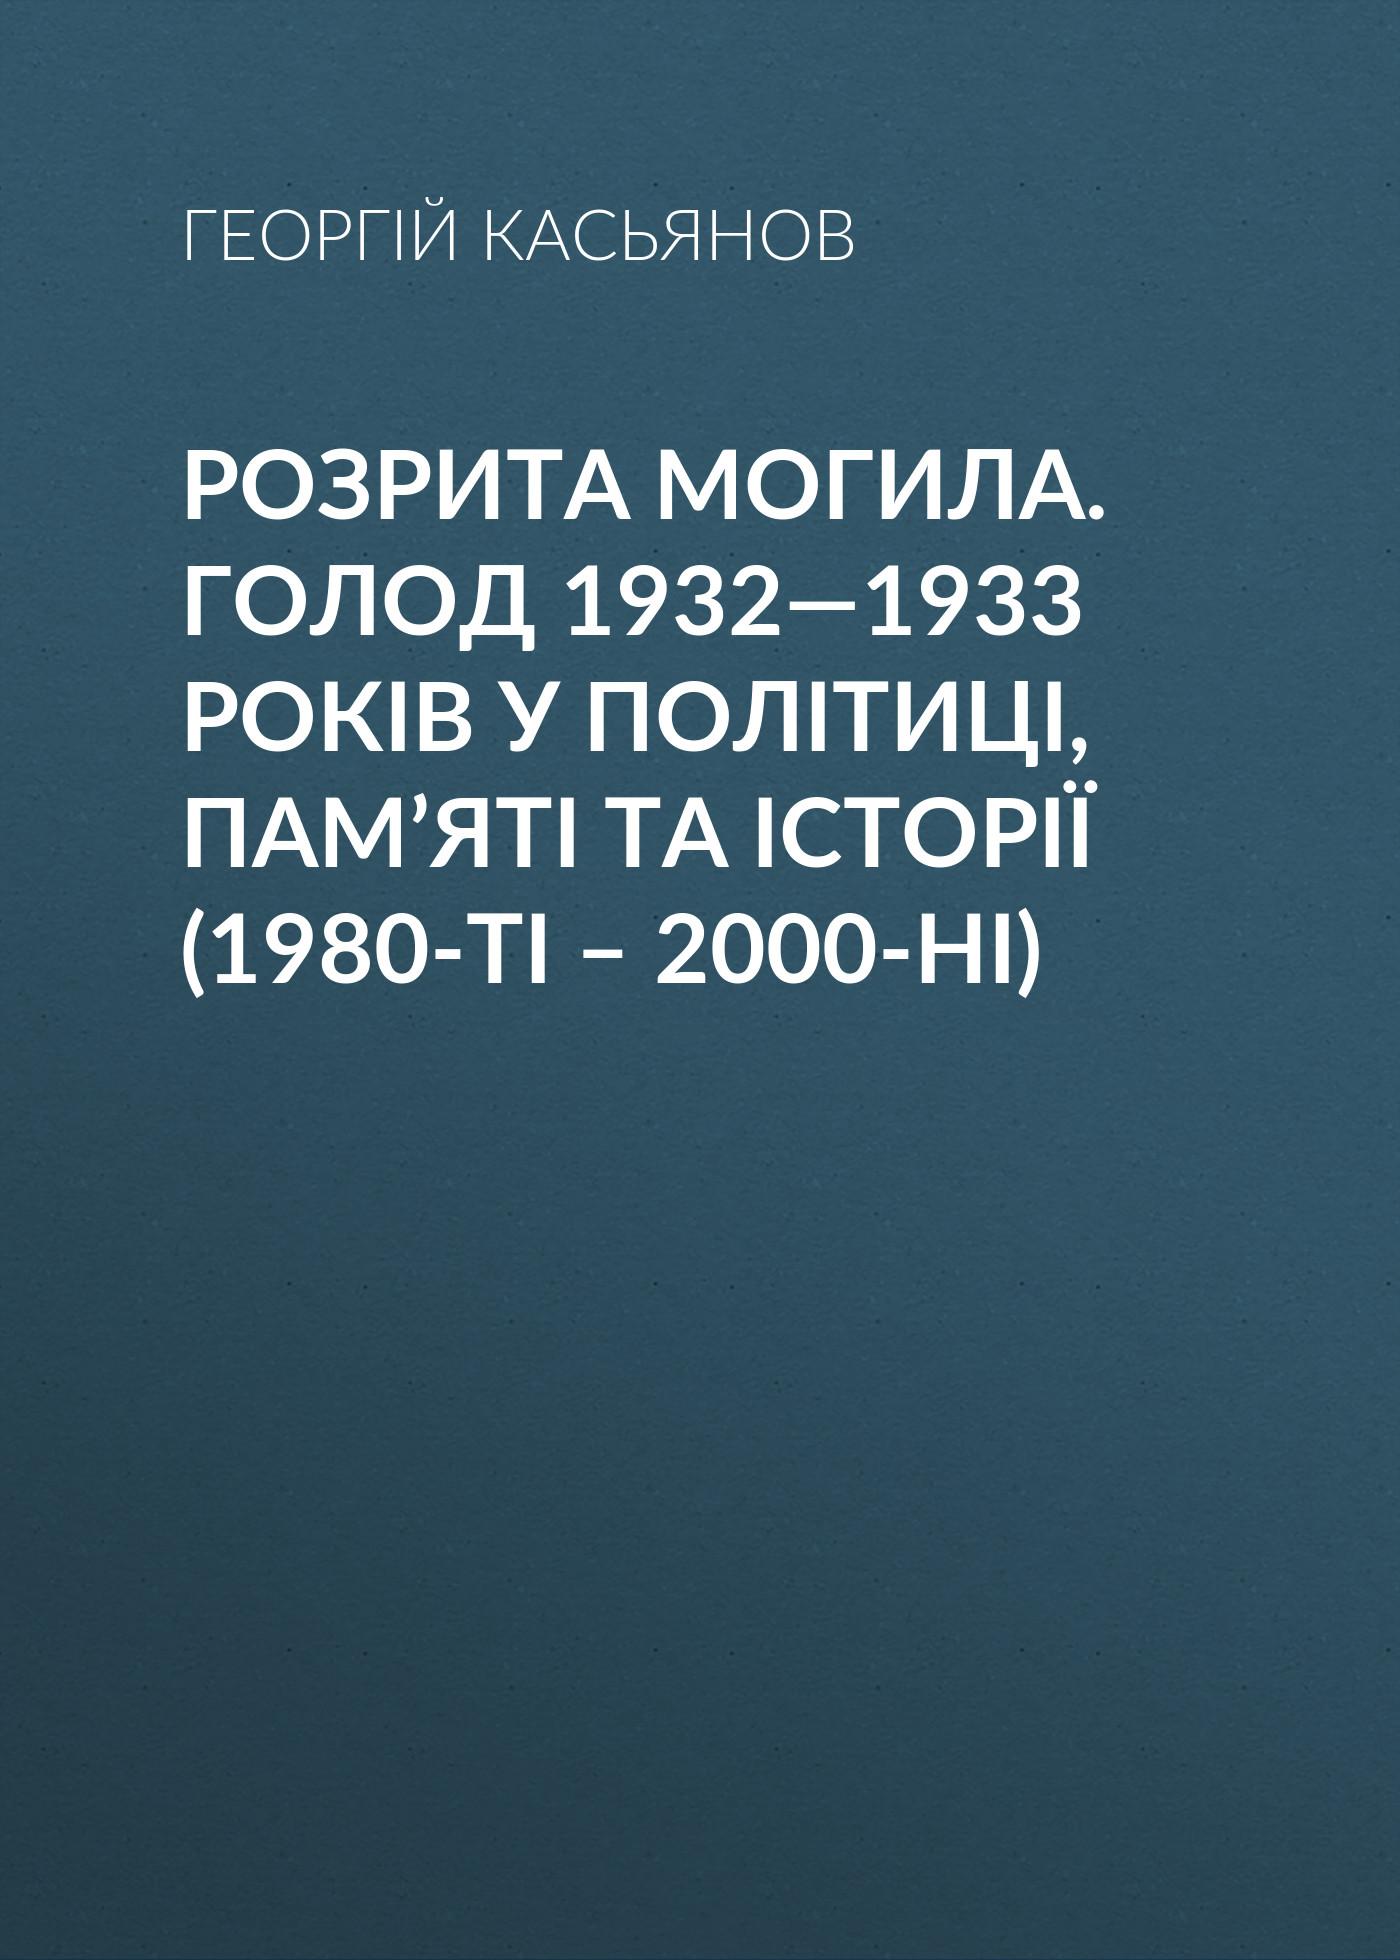 Георгий Касьянов Розрита могила. Голод 1932—1933 років у політиці, пам'яті та історії (1980-ті – 2000-ні)